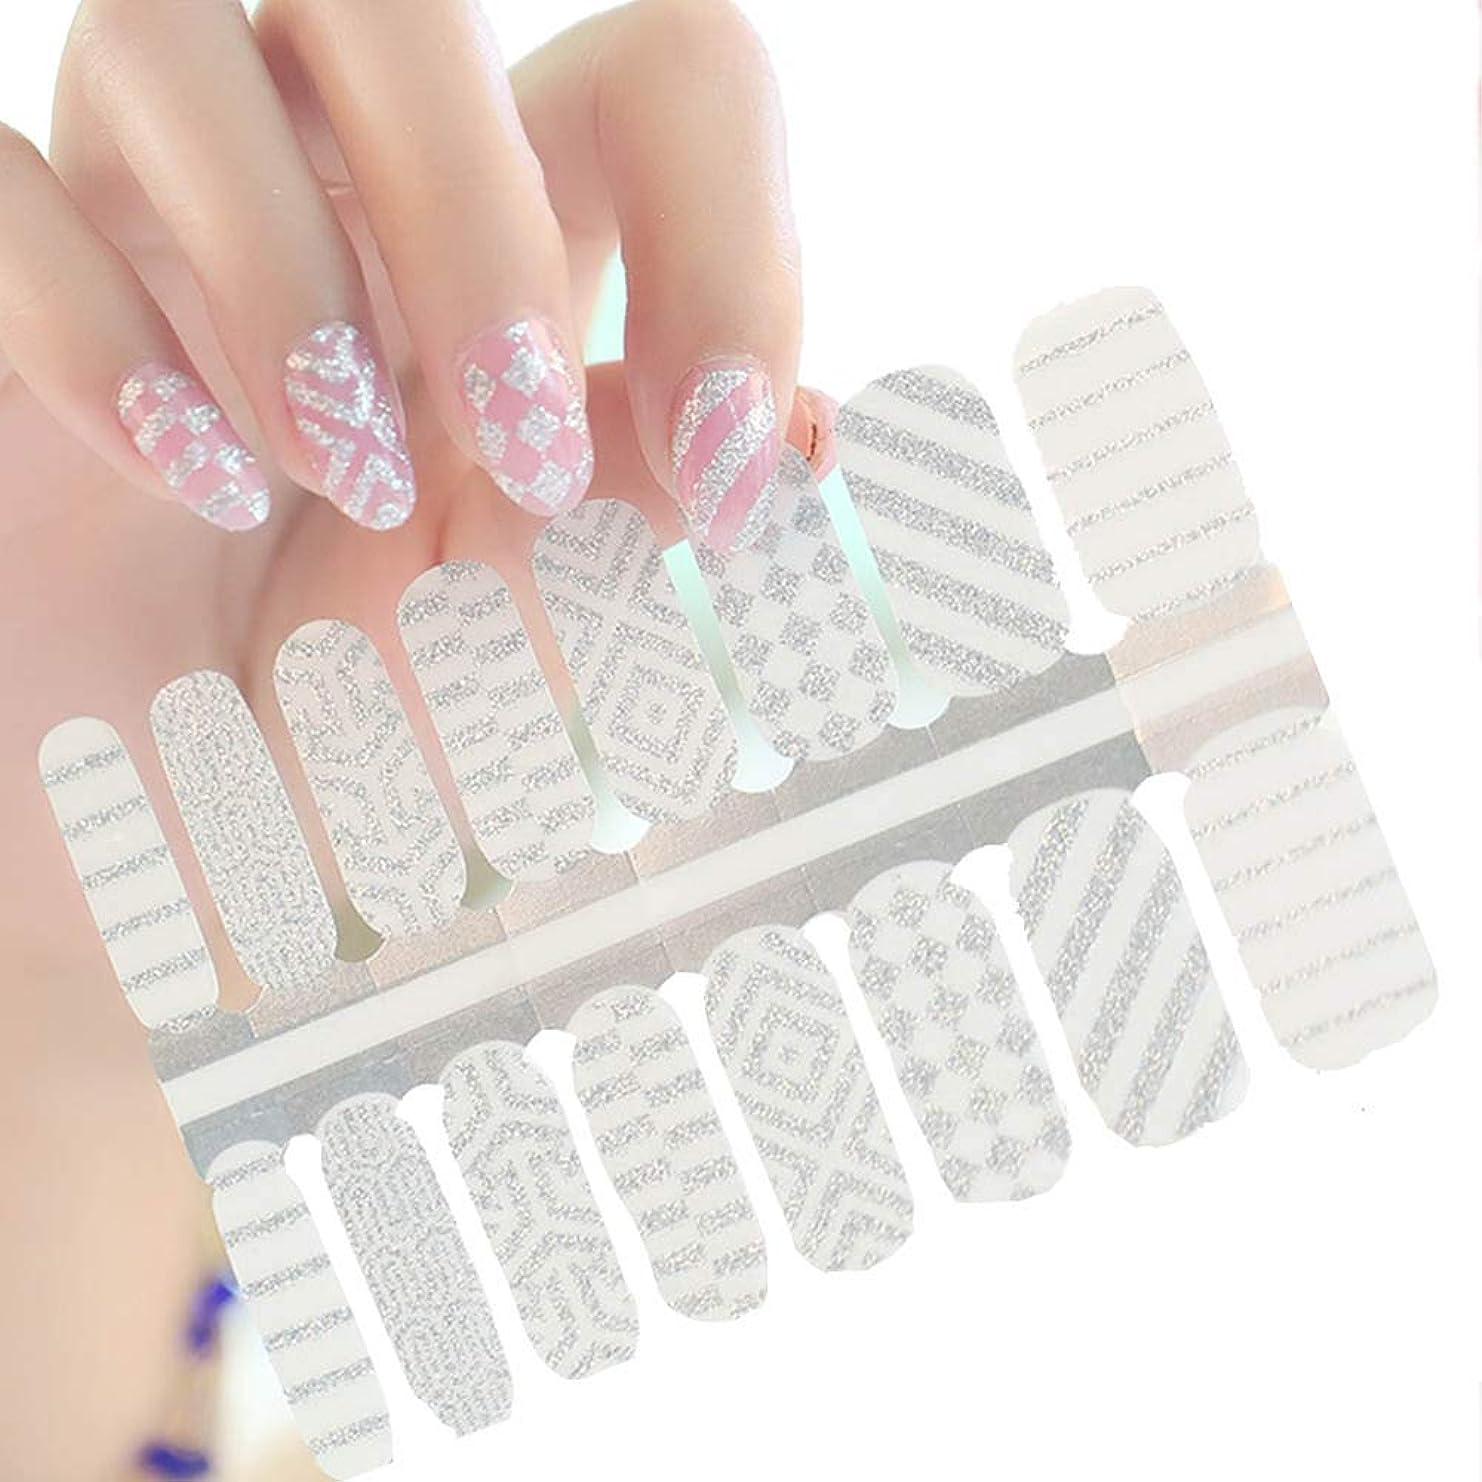 シニス血色の良いにやにや16ピース 貼るだけマニキュア ネイルシール ネイルアート ネイルラップ ネイルアクセサリー女性 爪やすり1本付き レディースプレゼント ギフト 可愛い 人気 おしゃれな上級ネイルシール (ZB16043)